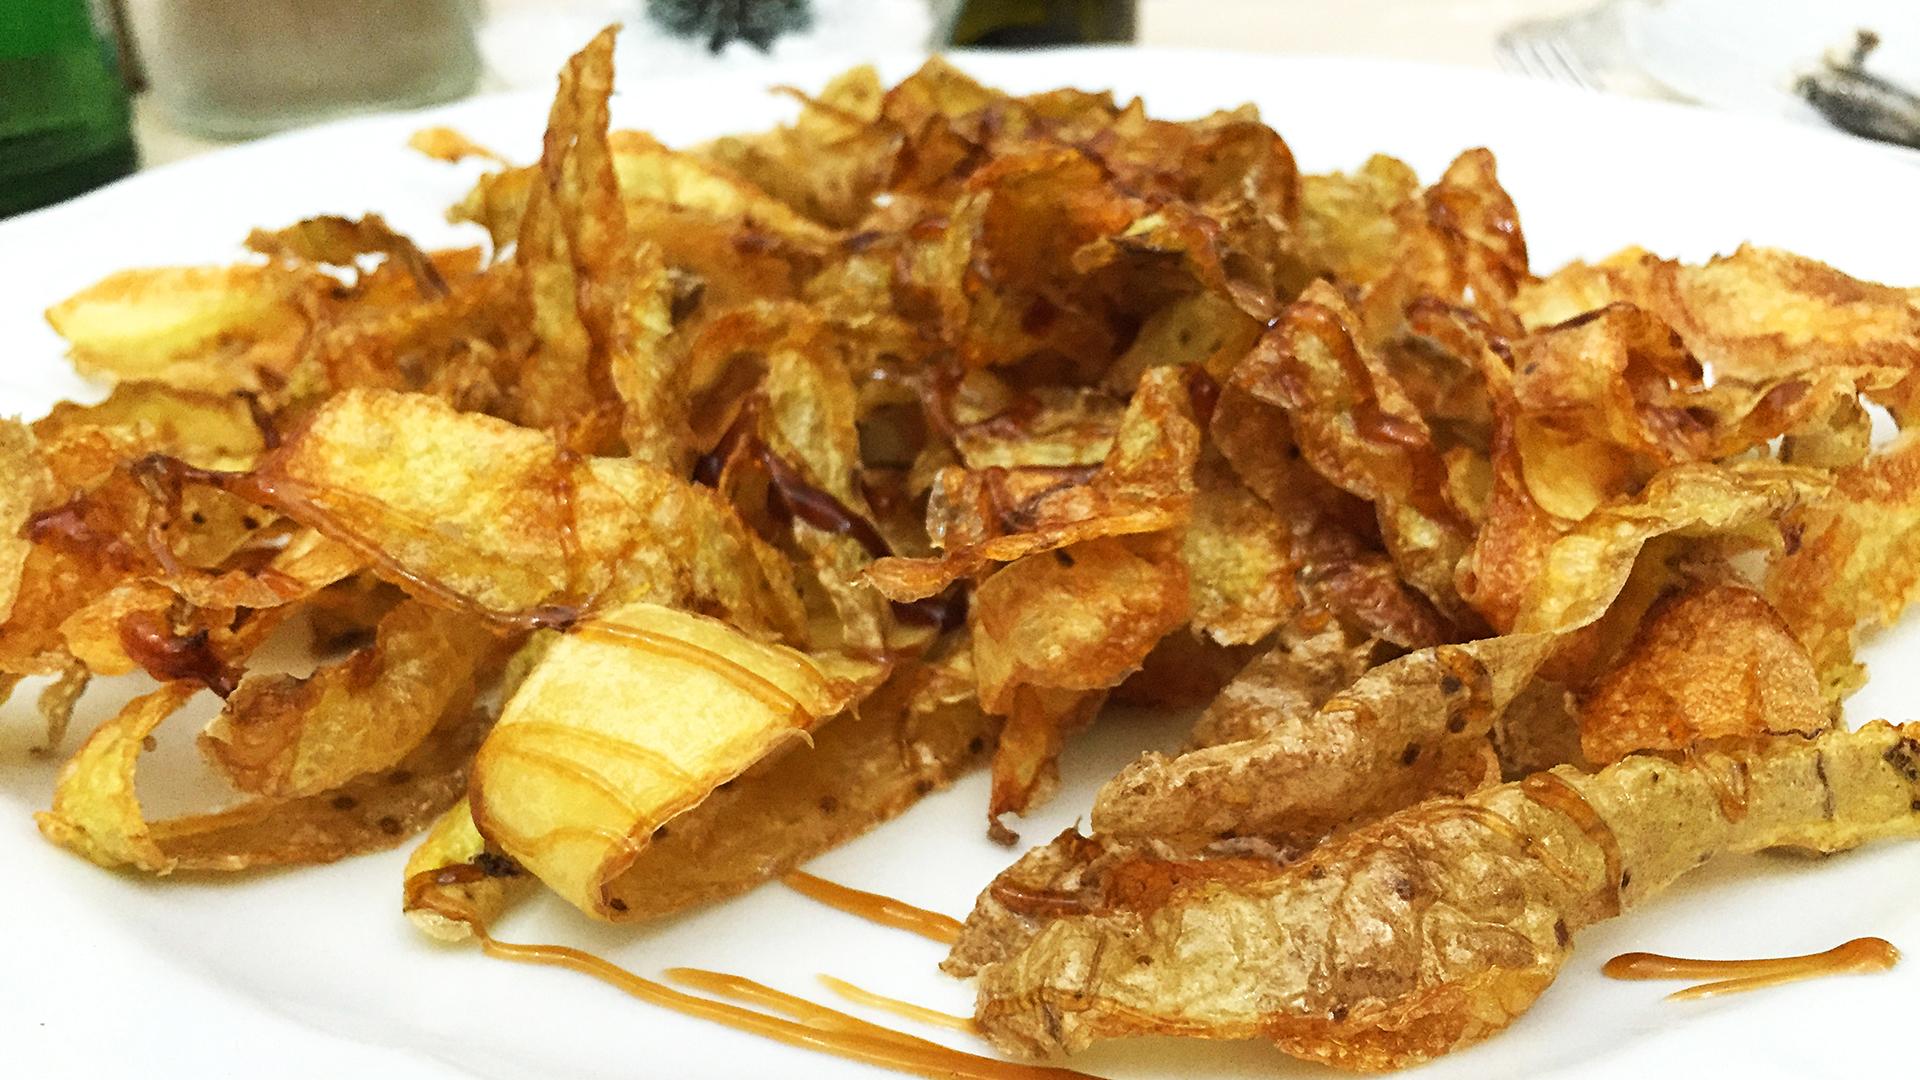 Haluatko kulut kuriin? Näillä vinkeillä säästät varmasti. Perunankuorista syntyvät helposti omatekoiset chipsit.